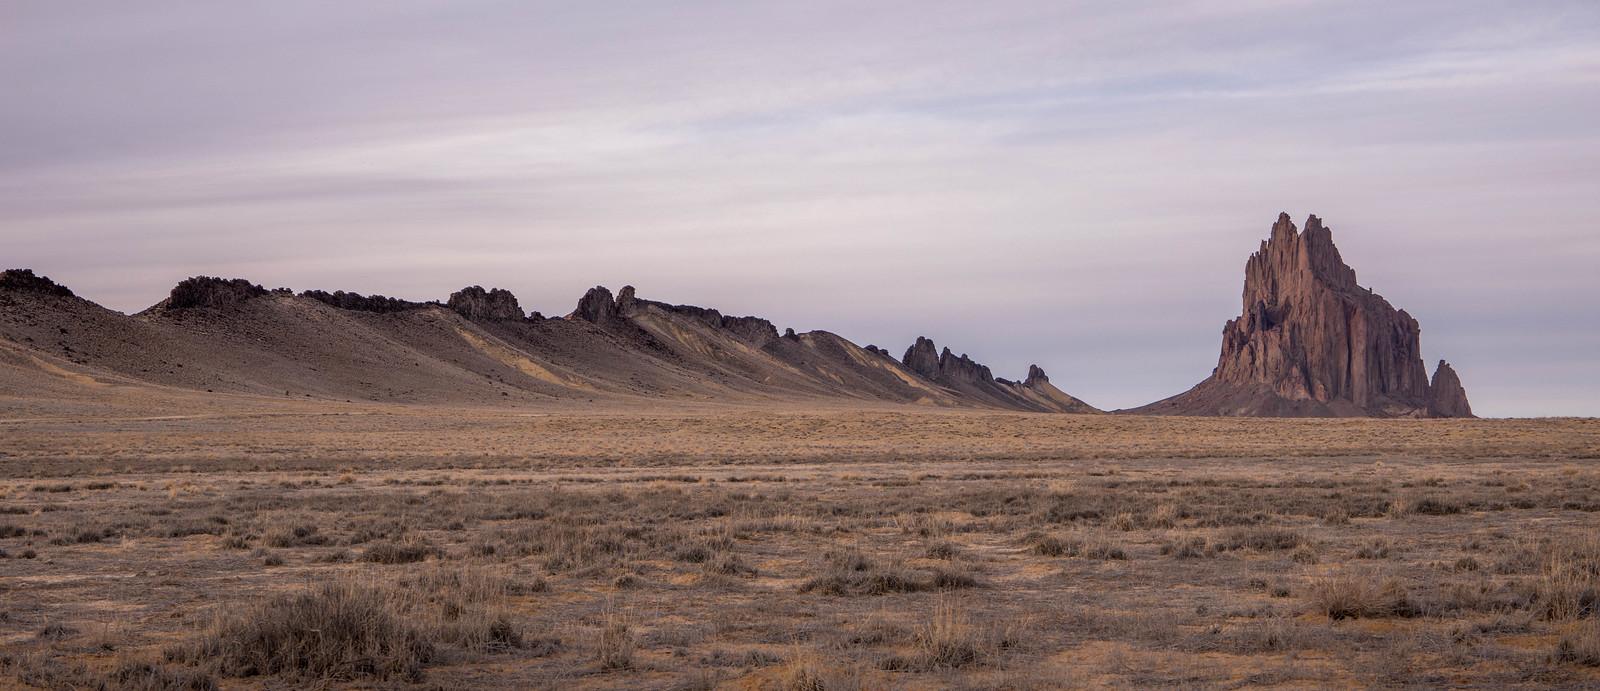 12.24. Shiprock, NM